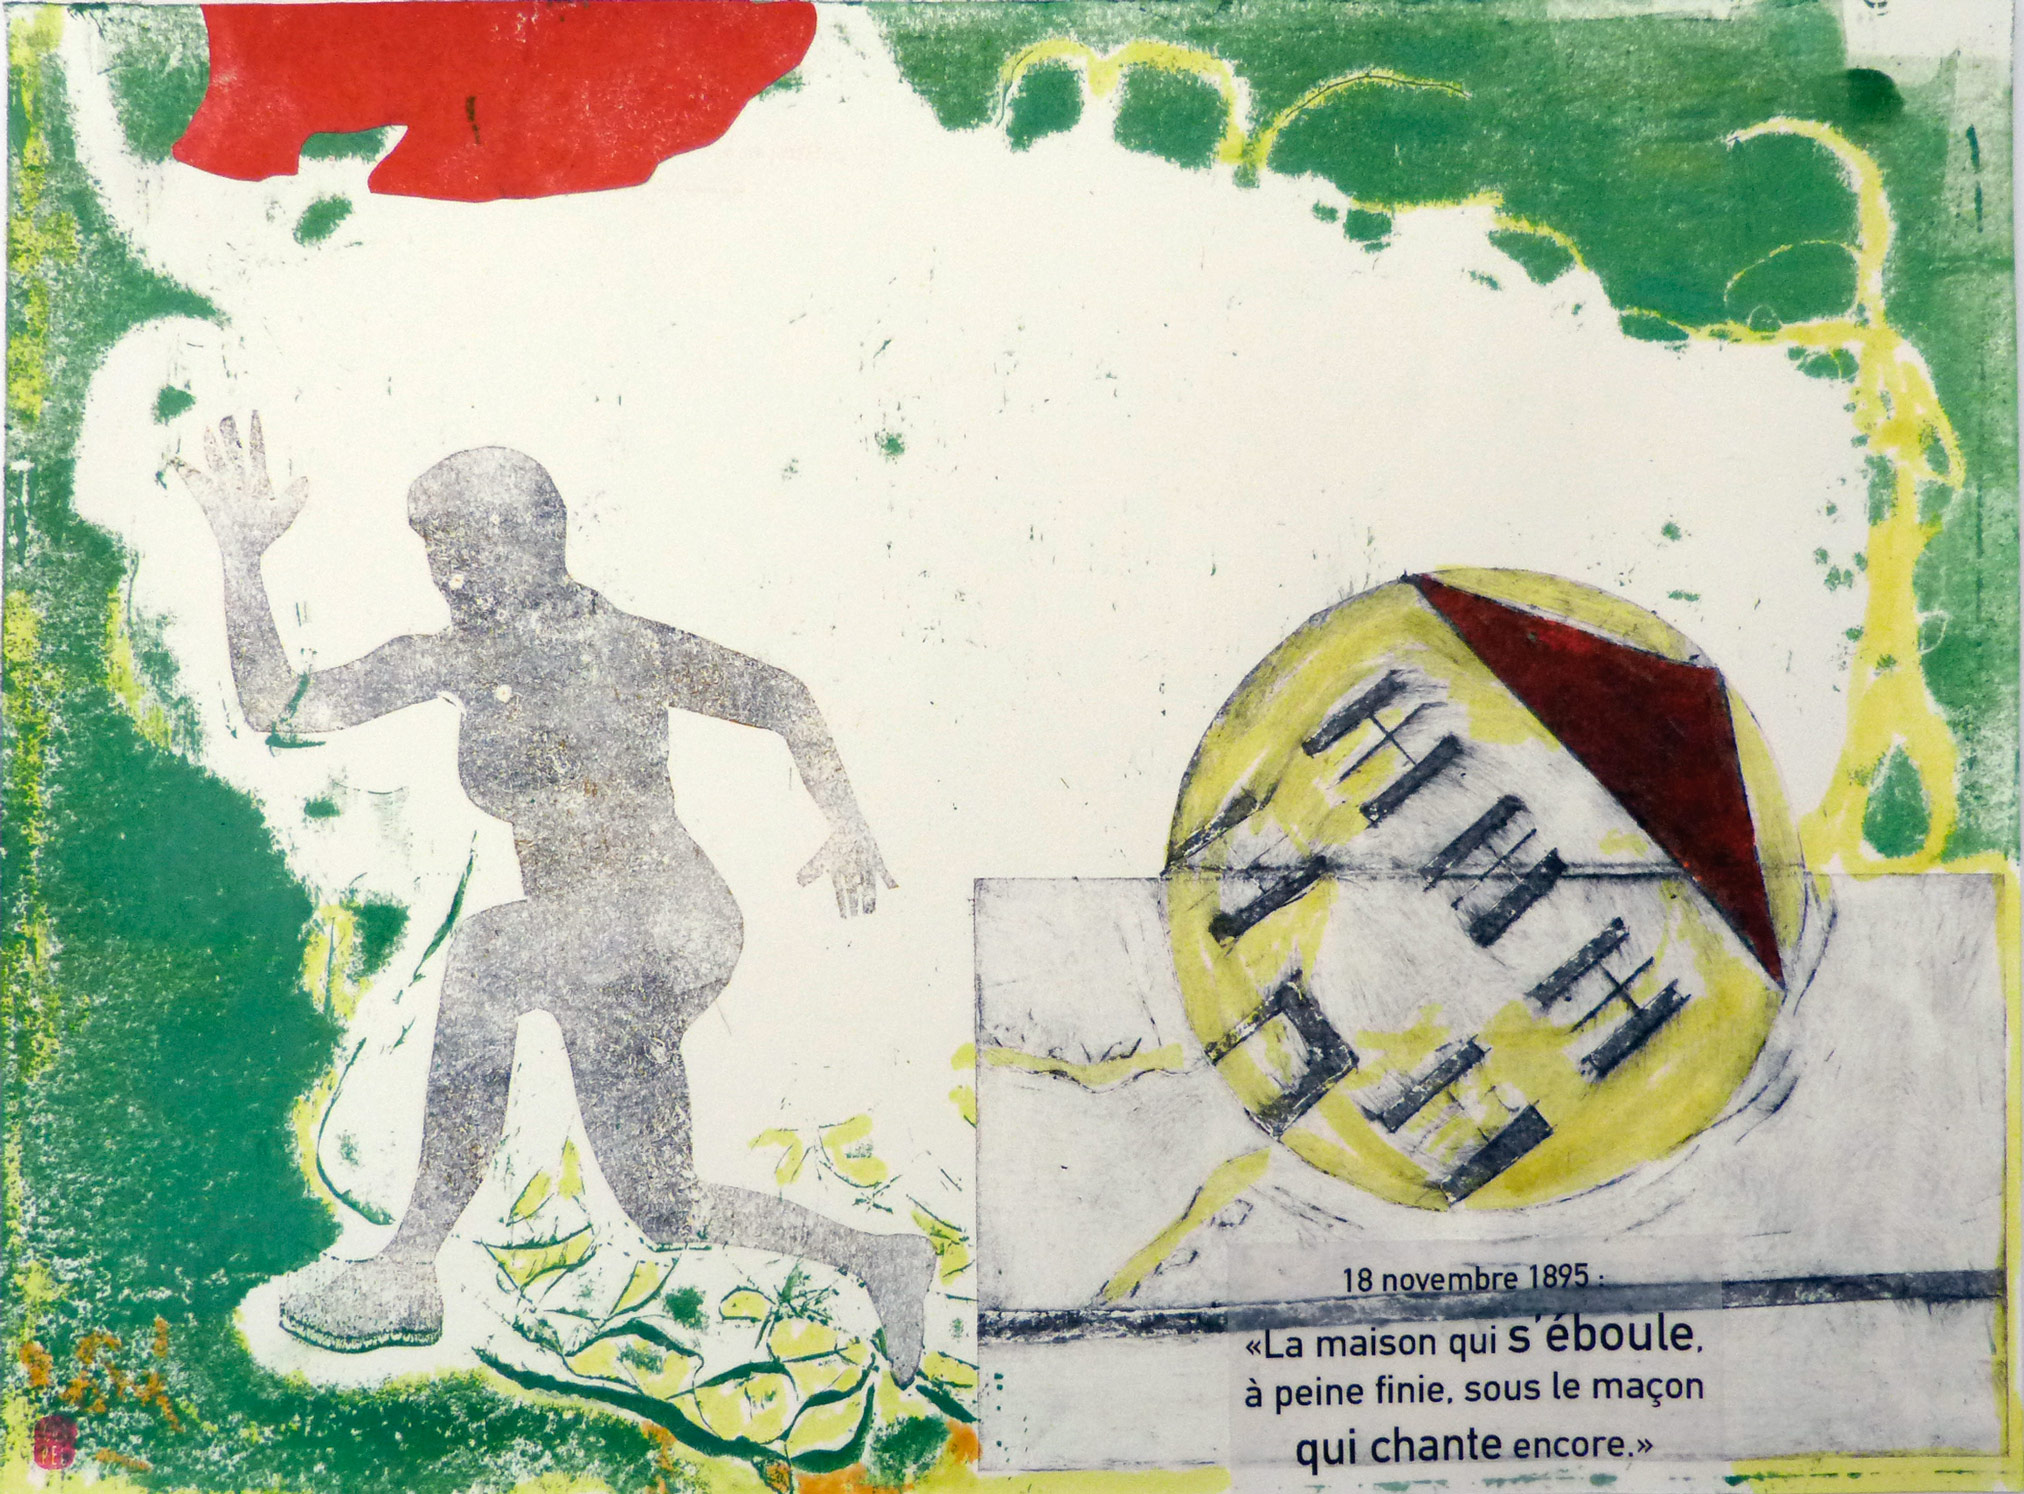 Monotype et collage sur des pages de carnets d'une maison qui roule et d'une femme qui court